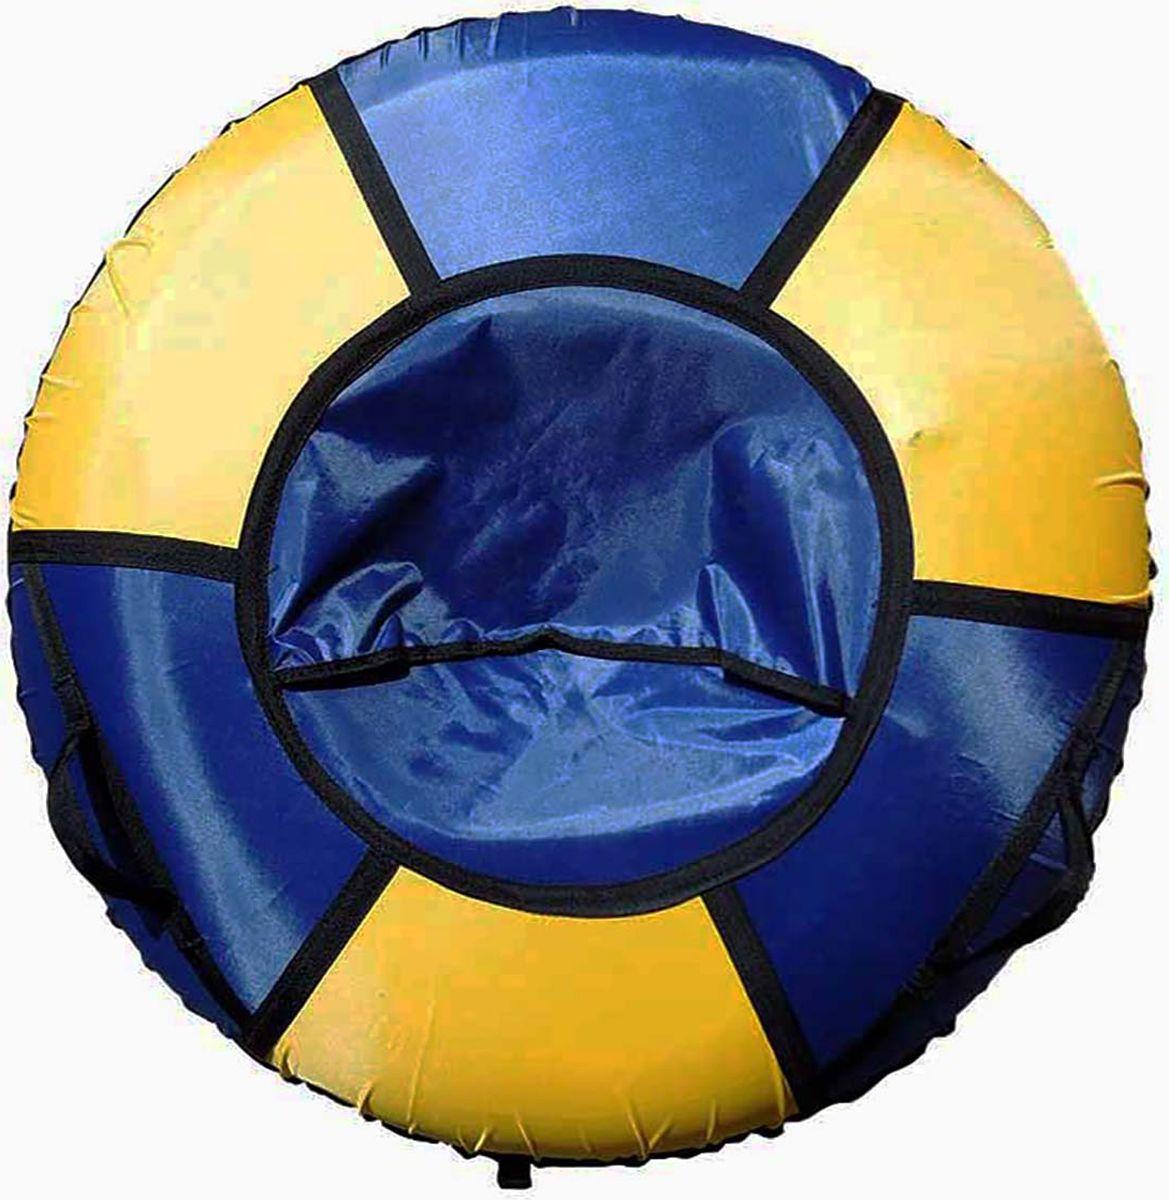 Тюбинг Эх, Прокачу! Эконом-6, цвет: синий, желтый, диаметр 70 смСЭ70-6-2Любимая детская зимняя забава - это кататься с горки. А катание на тюбинге Эх, Прокачу! Эконом-6 надолго запомнится вам и вашим близким. Свежий воздух, веселая компания, веселые развлечения - эти моменты вы будете вспоминать еще долгое время. Специальные материалы и уникальная конструкция днища превосходно скользят, даже если снега совсем немного. Высокая прочность позволит весело проводить время детям и взрослым, не заботясь о поломках. Модель очень вместительная, возможность соскальзывания практически исключена.Особенности: Материал дна - ткань ПВХ, плотность 630 г/м2.Материал верха - ткань Oxford, плотность 420 г/м2. Диаметр в надутом виде - 70 см.Морозоустойчивость - до -45 градусов.Камера российского производства, буксировочный ремень. Тюбинг не предназначен для буксировки механическими или транспортными средствами (подъемники, канатные дороги, лебедки, автомобиль, снегоход, квадроцикл и т.д.).Допускается деформация формы санок из-за неравномерности надувания камеры.